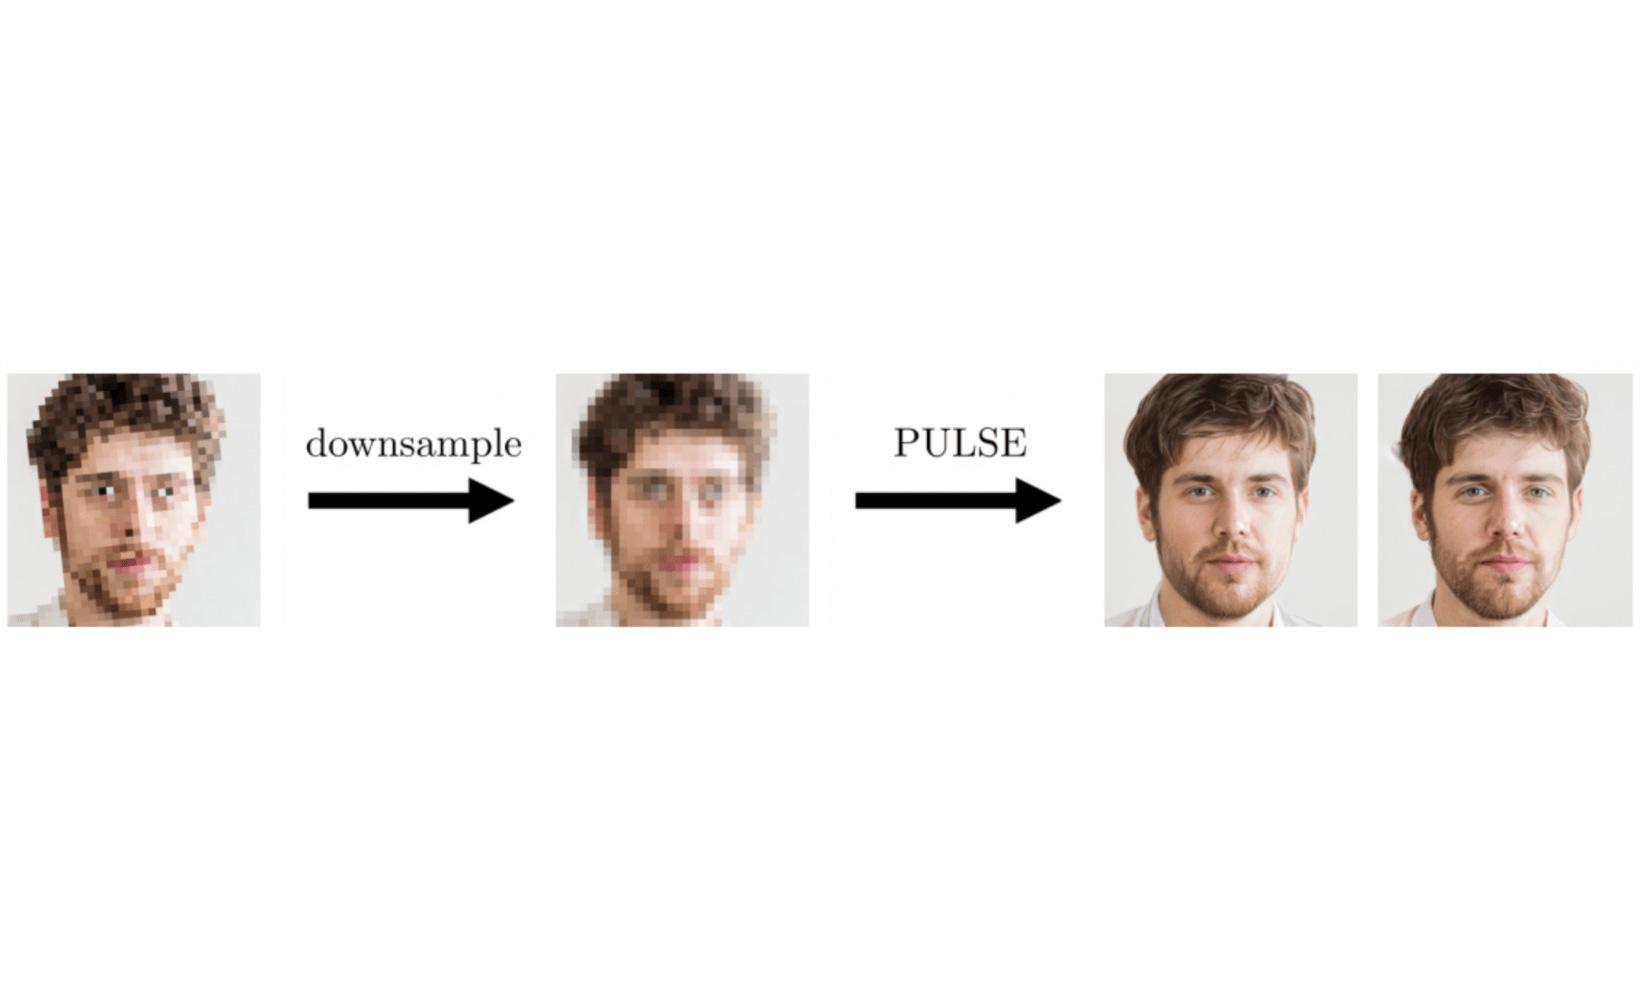 Нейросеть может значительно улучшить ваши фотографии